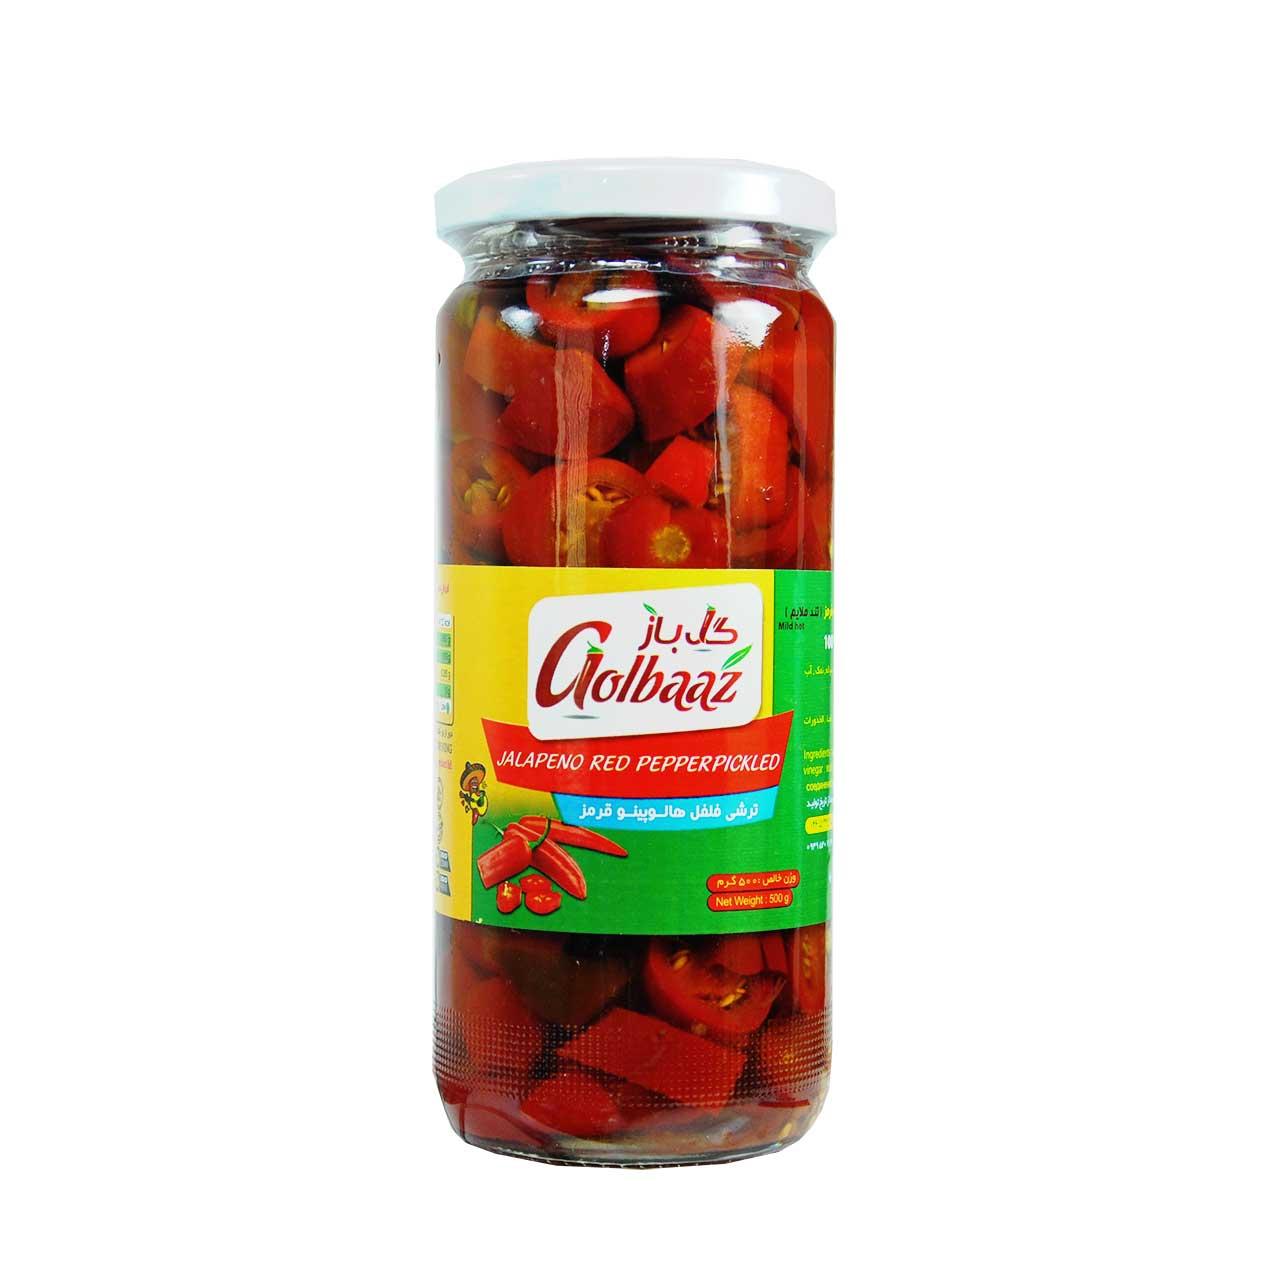 ترشی هالو پینو قرمز گل باز (تند ملایم) – golbaaz